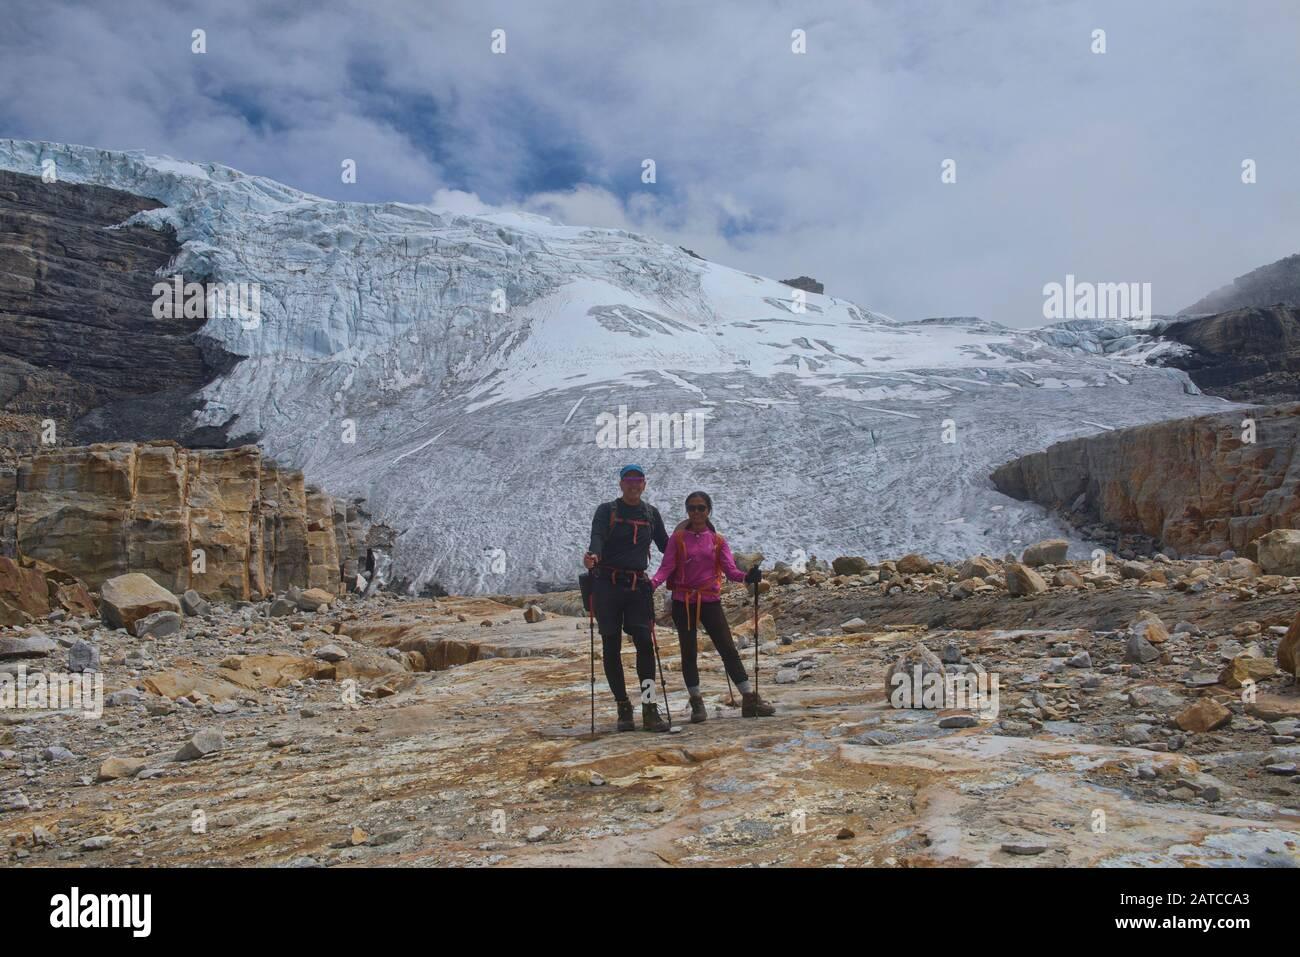 Excursionistas frente a Ritacuba Blanca y su enorme glaciar, el Parque Nacional el Cocuy, Boyacá, Colombia Foto de stock